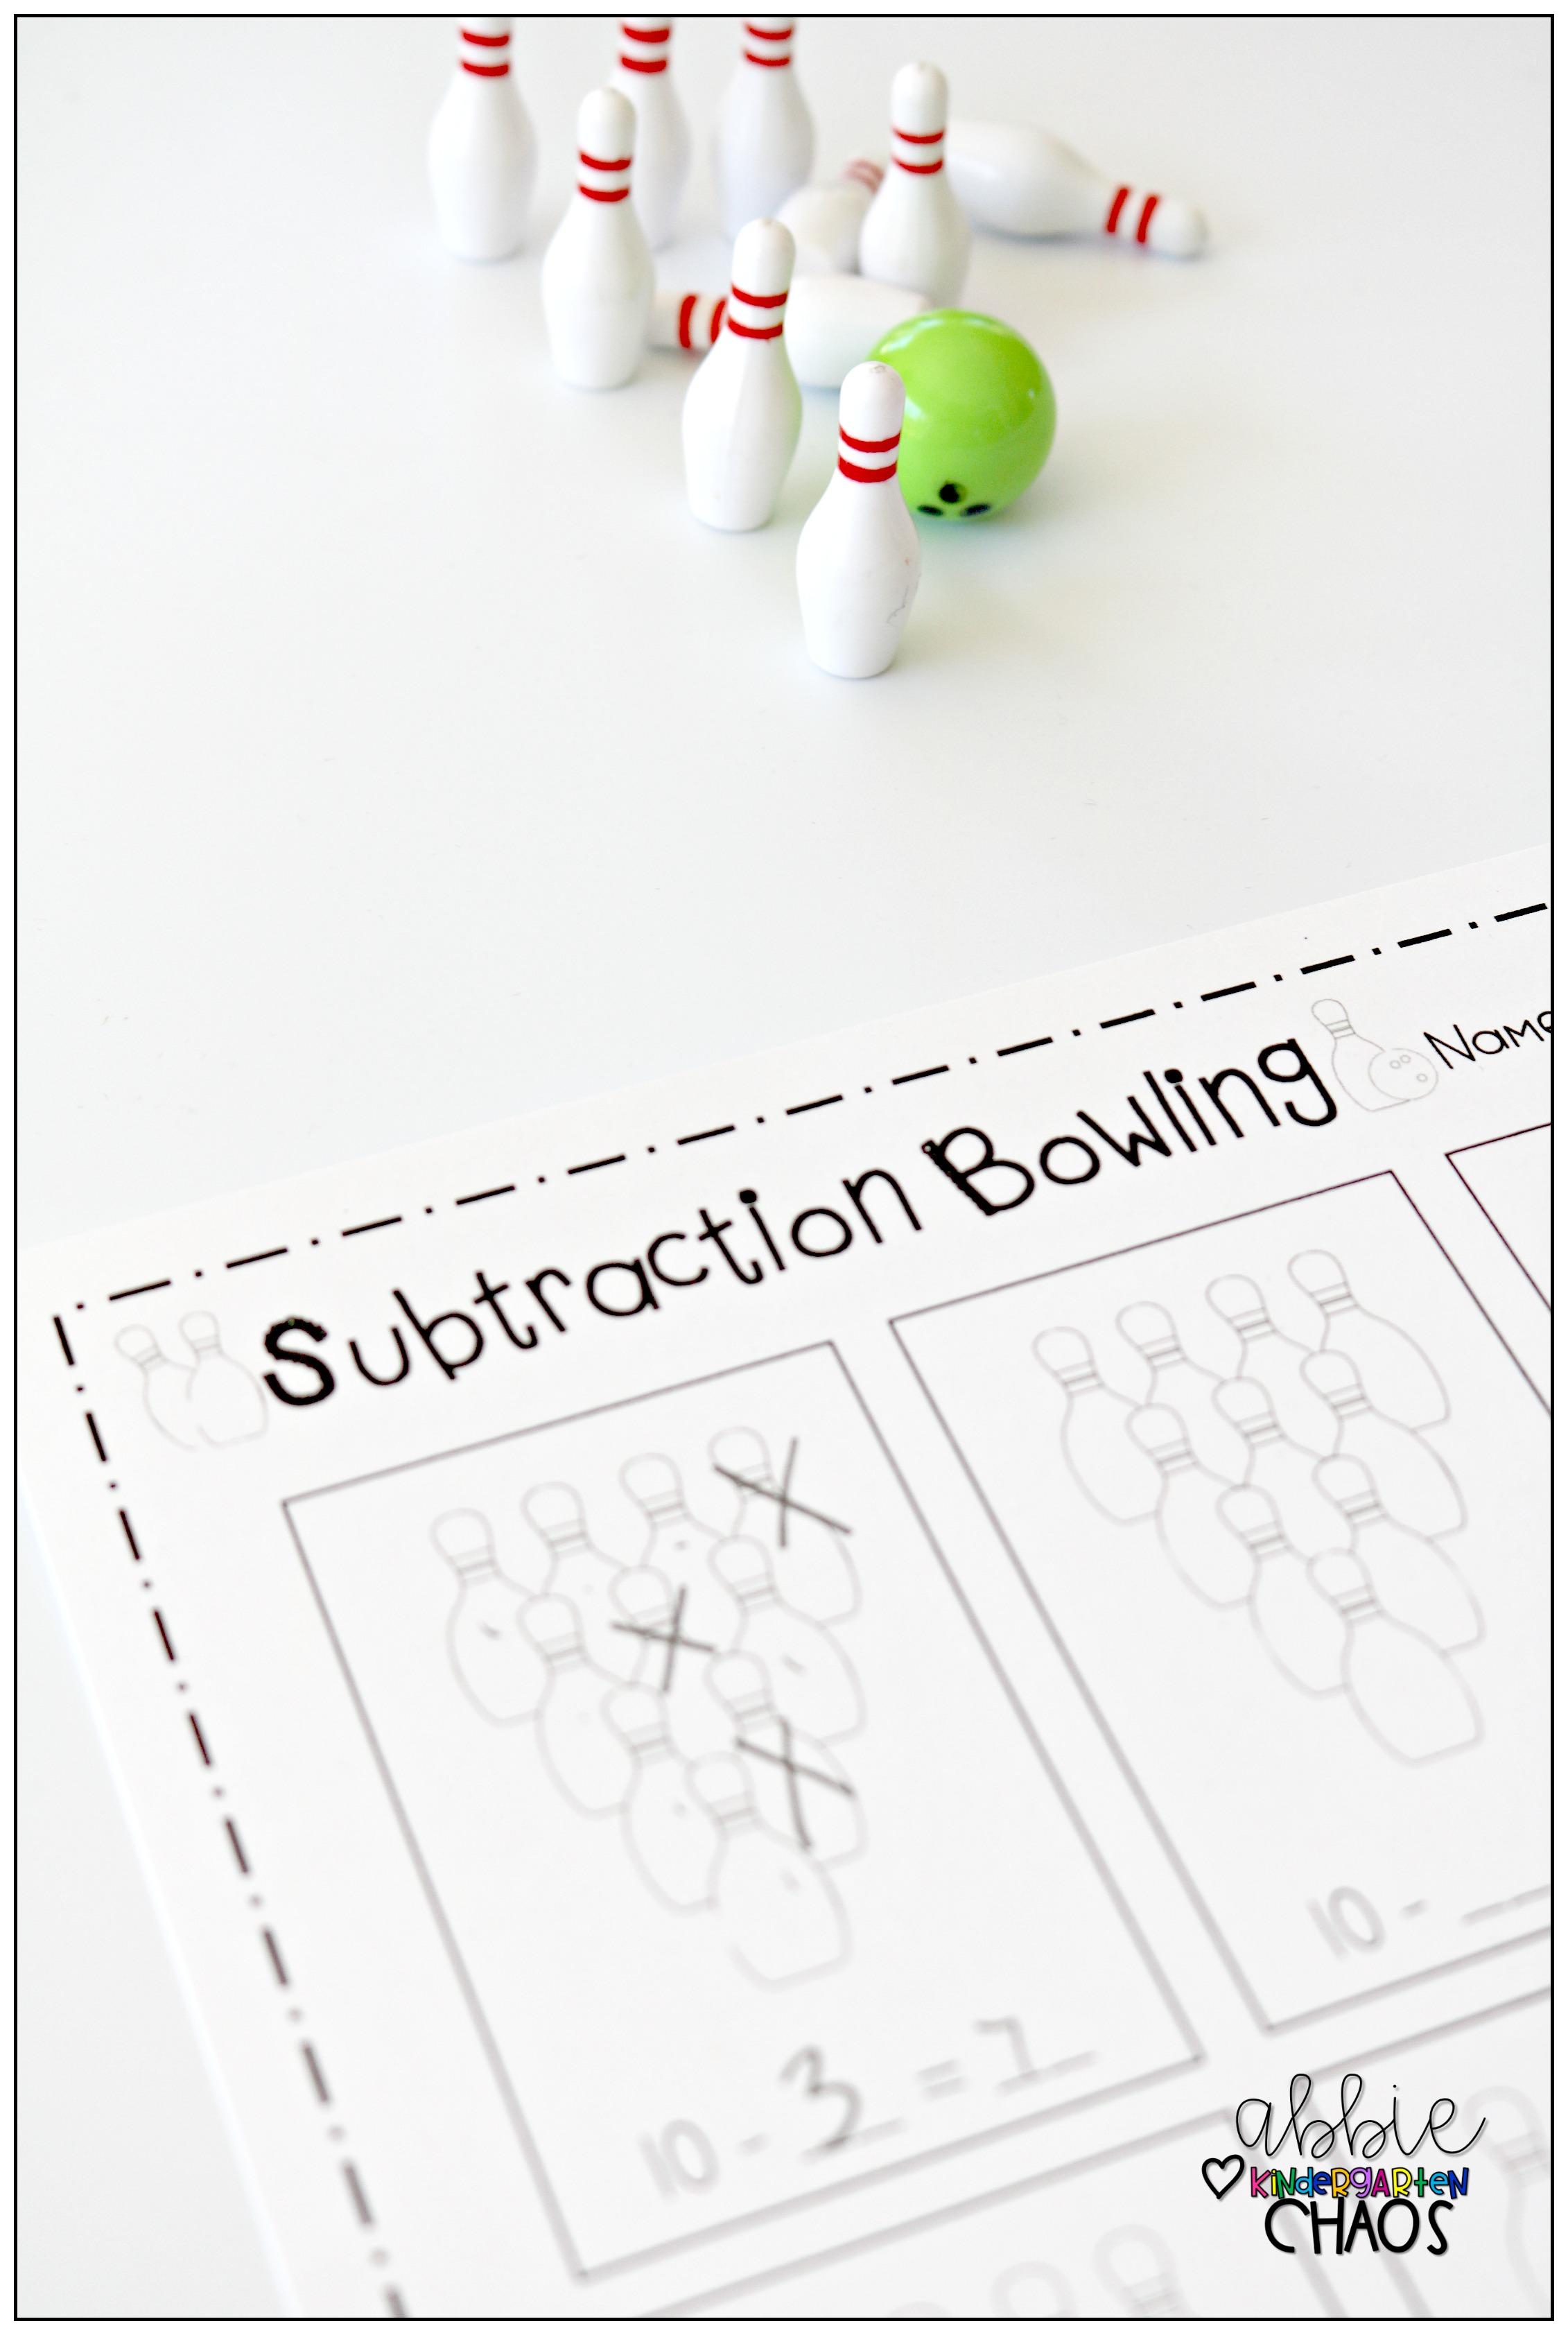 Subtraction Bowling Worksheet For Kindergarten